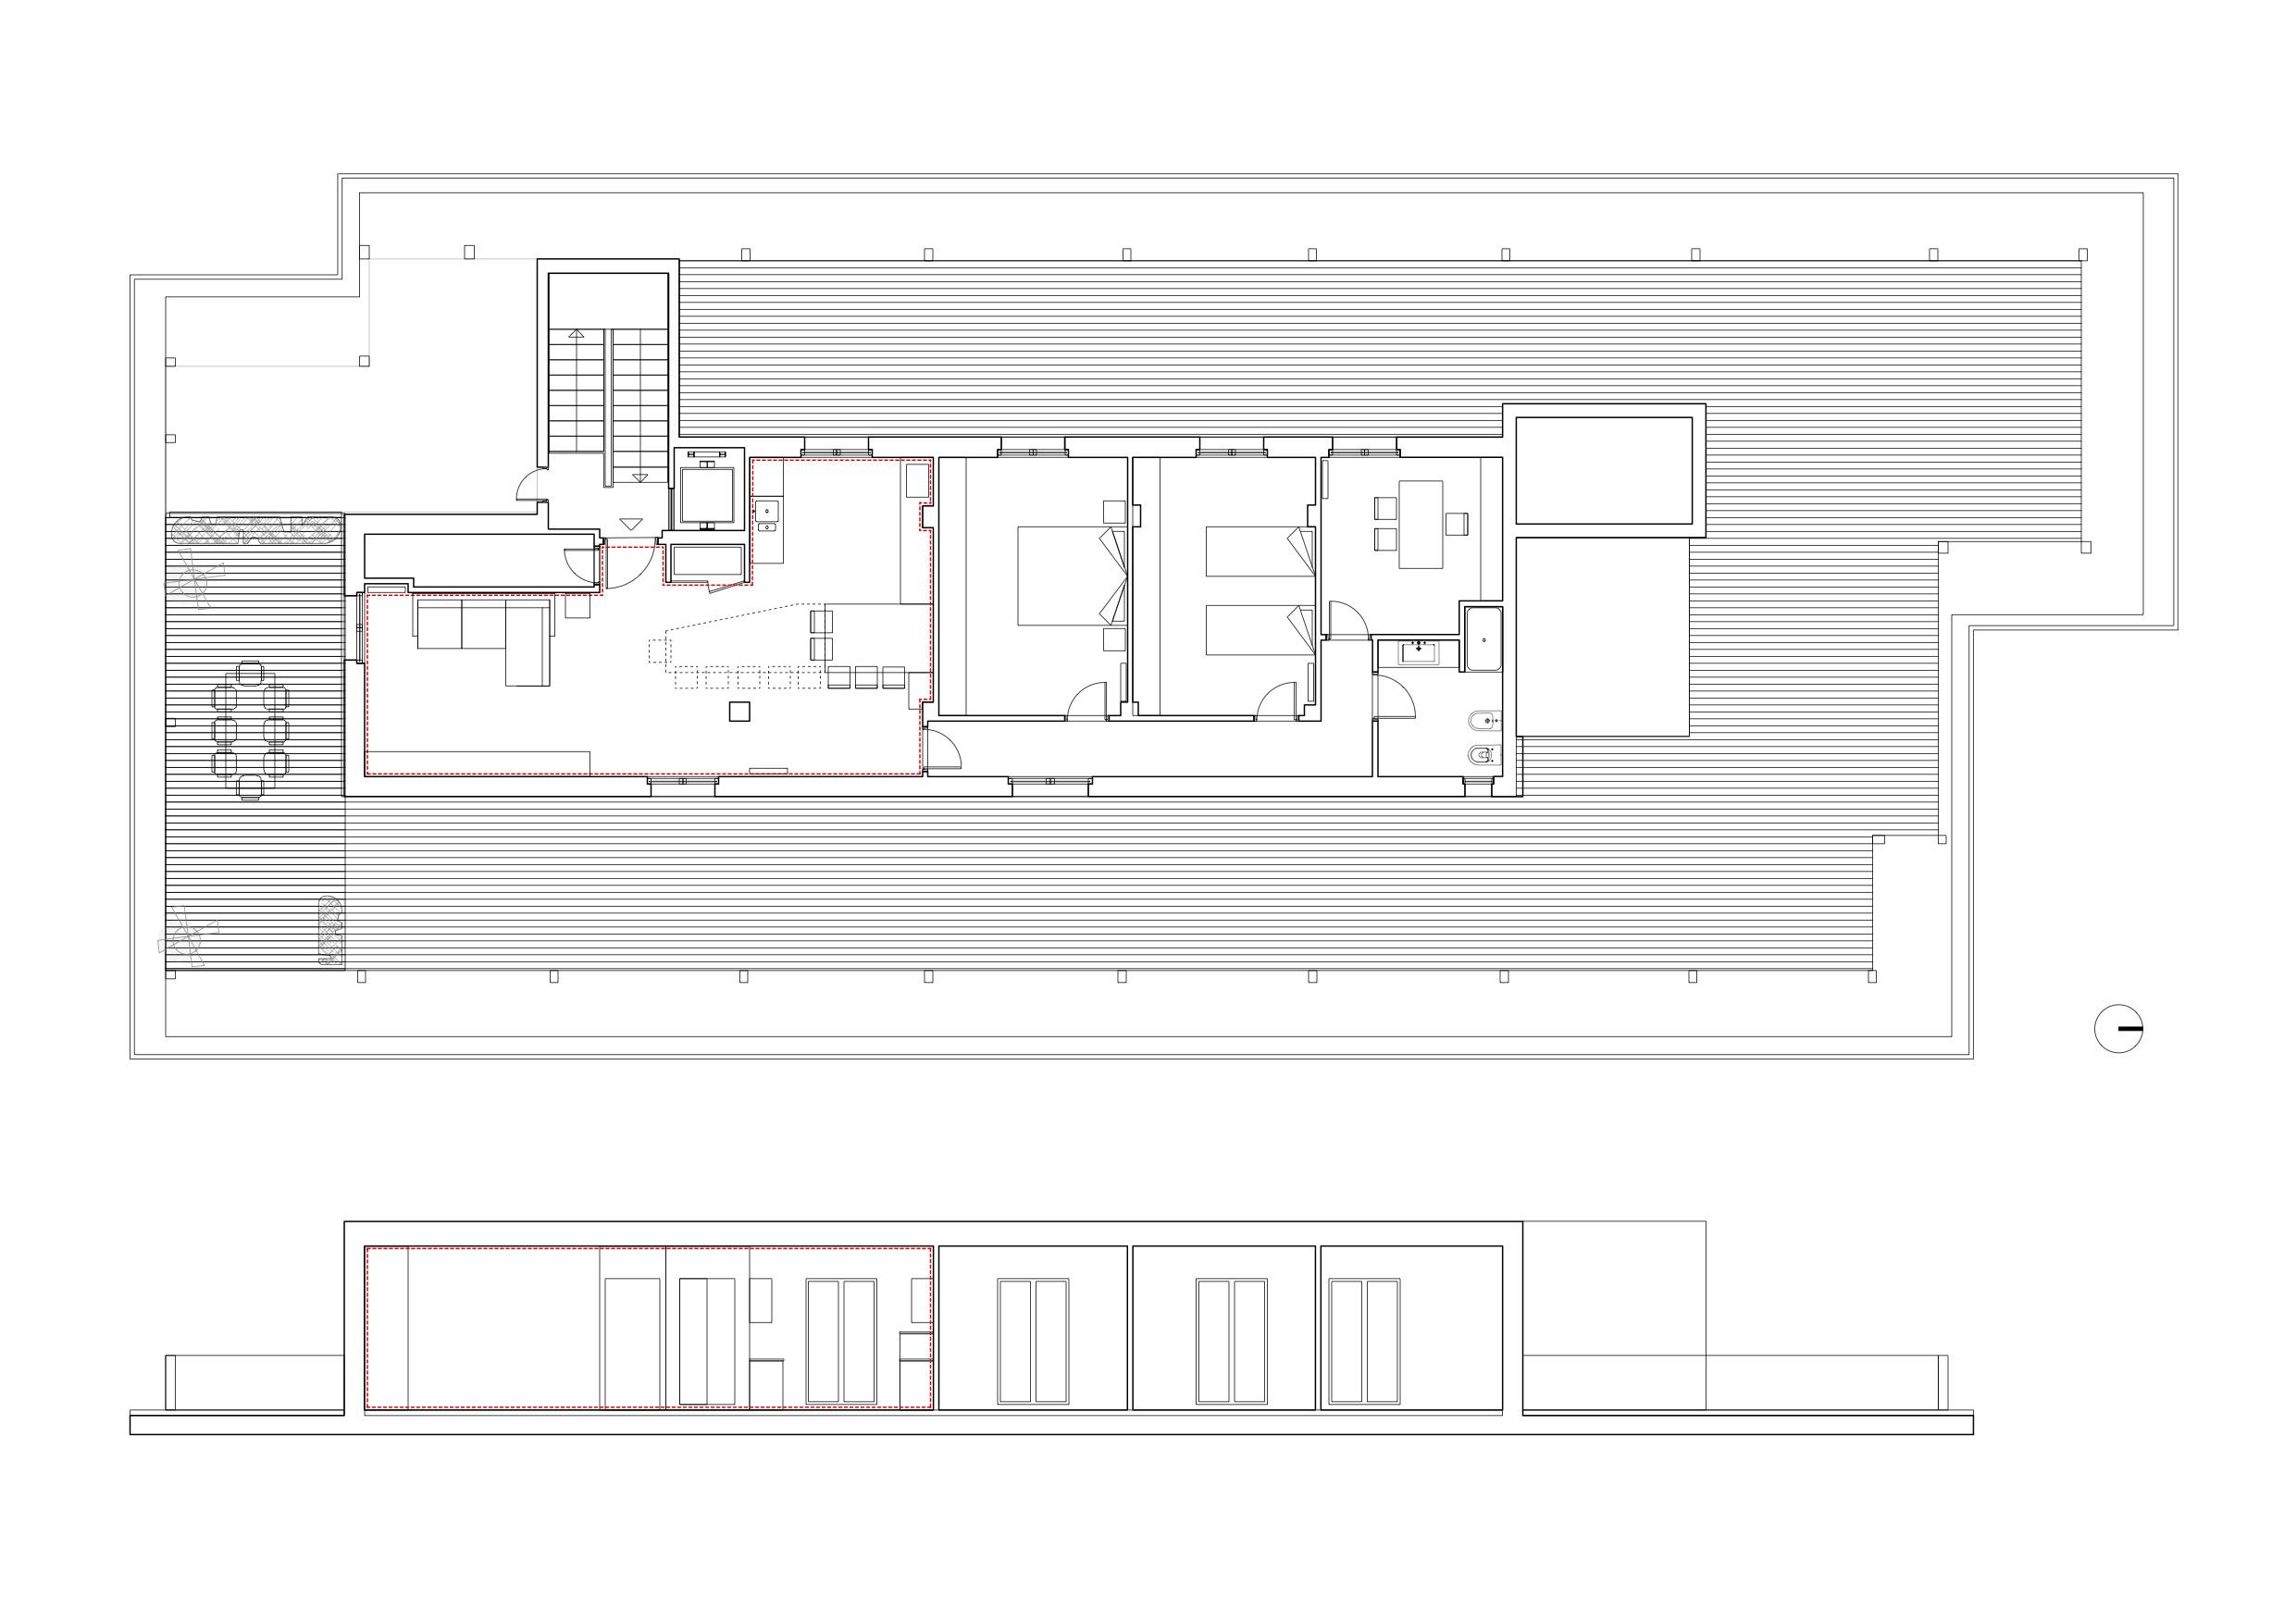 disegni tecnici_pianta e sezione 1:100 Gabriele Filippi Architetto